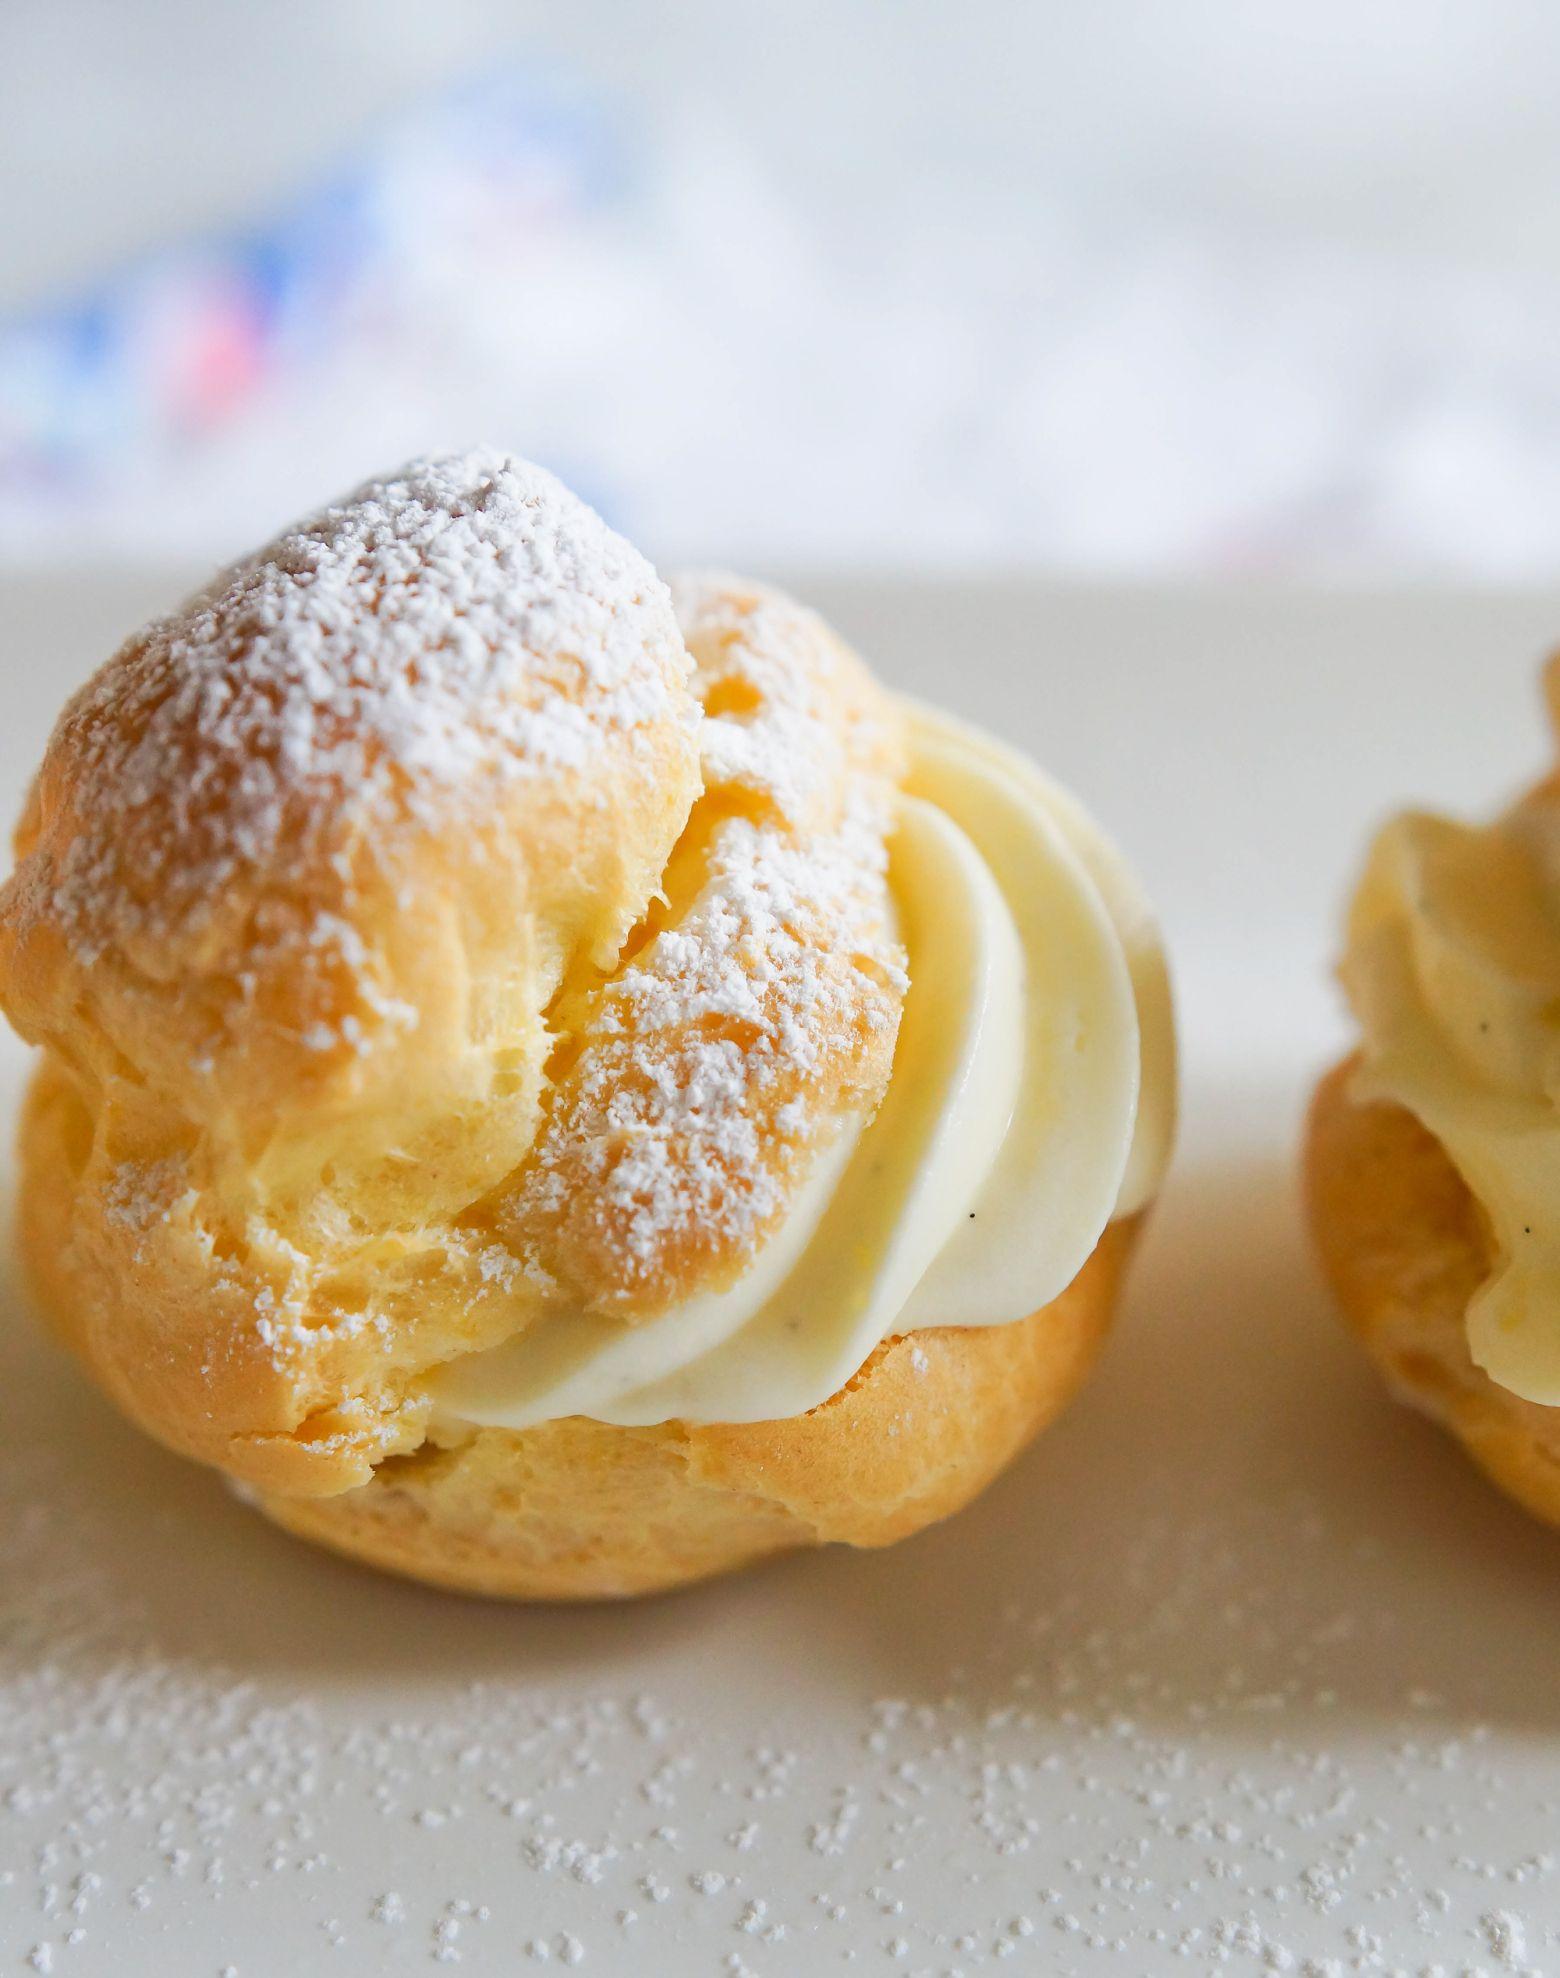 How To Make Cream Puffs Recipe Cream Puff Recipe Cream Puffs Diy Food Recipes